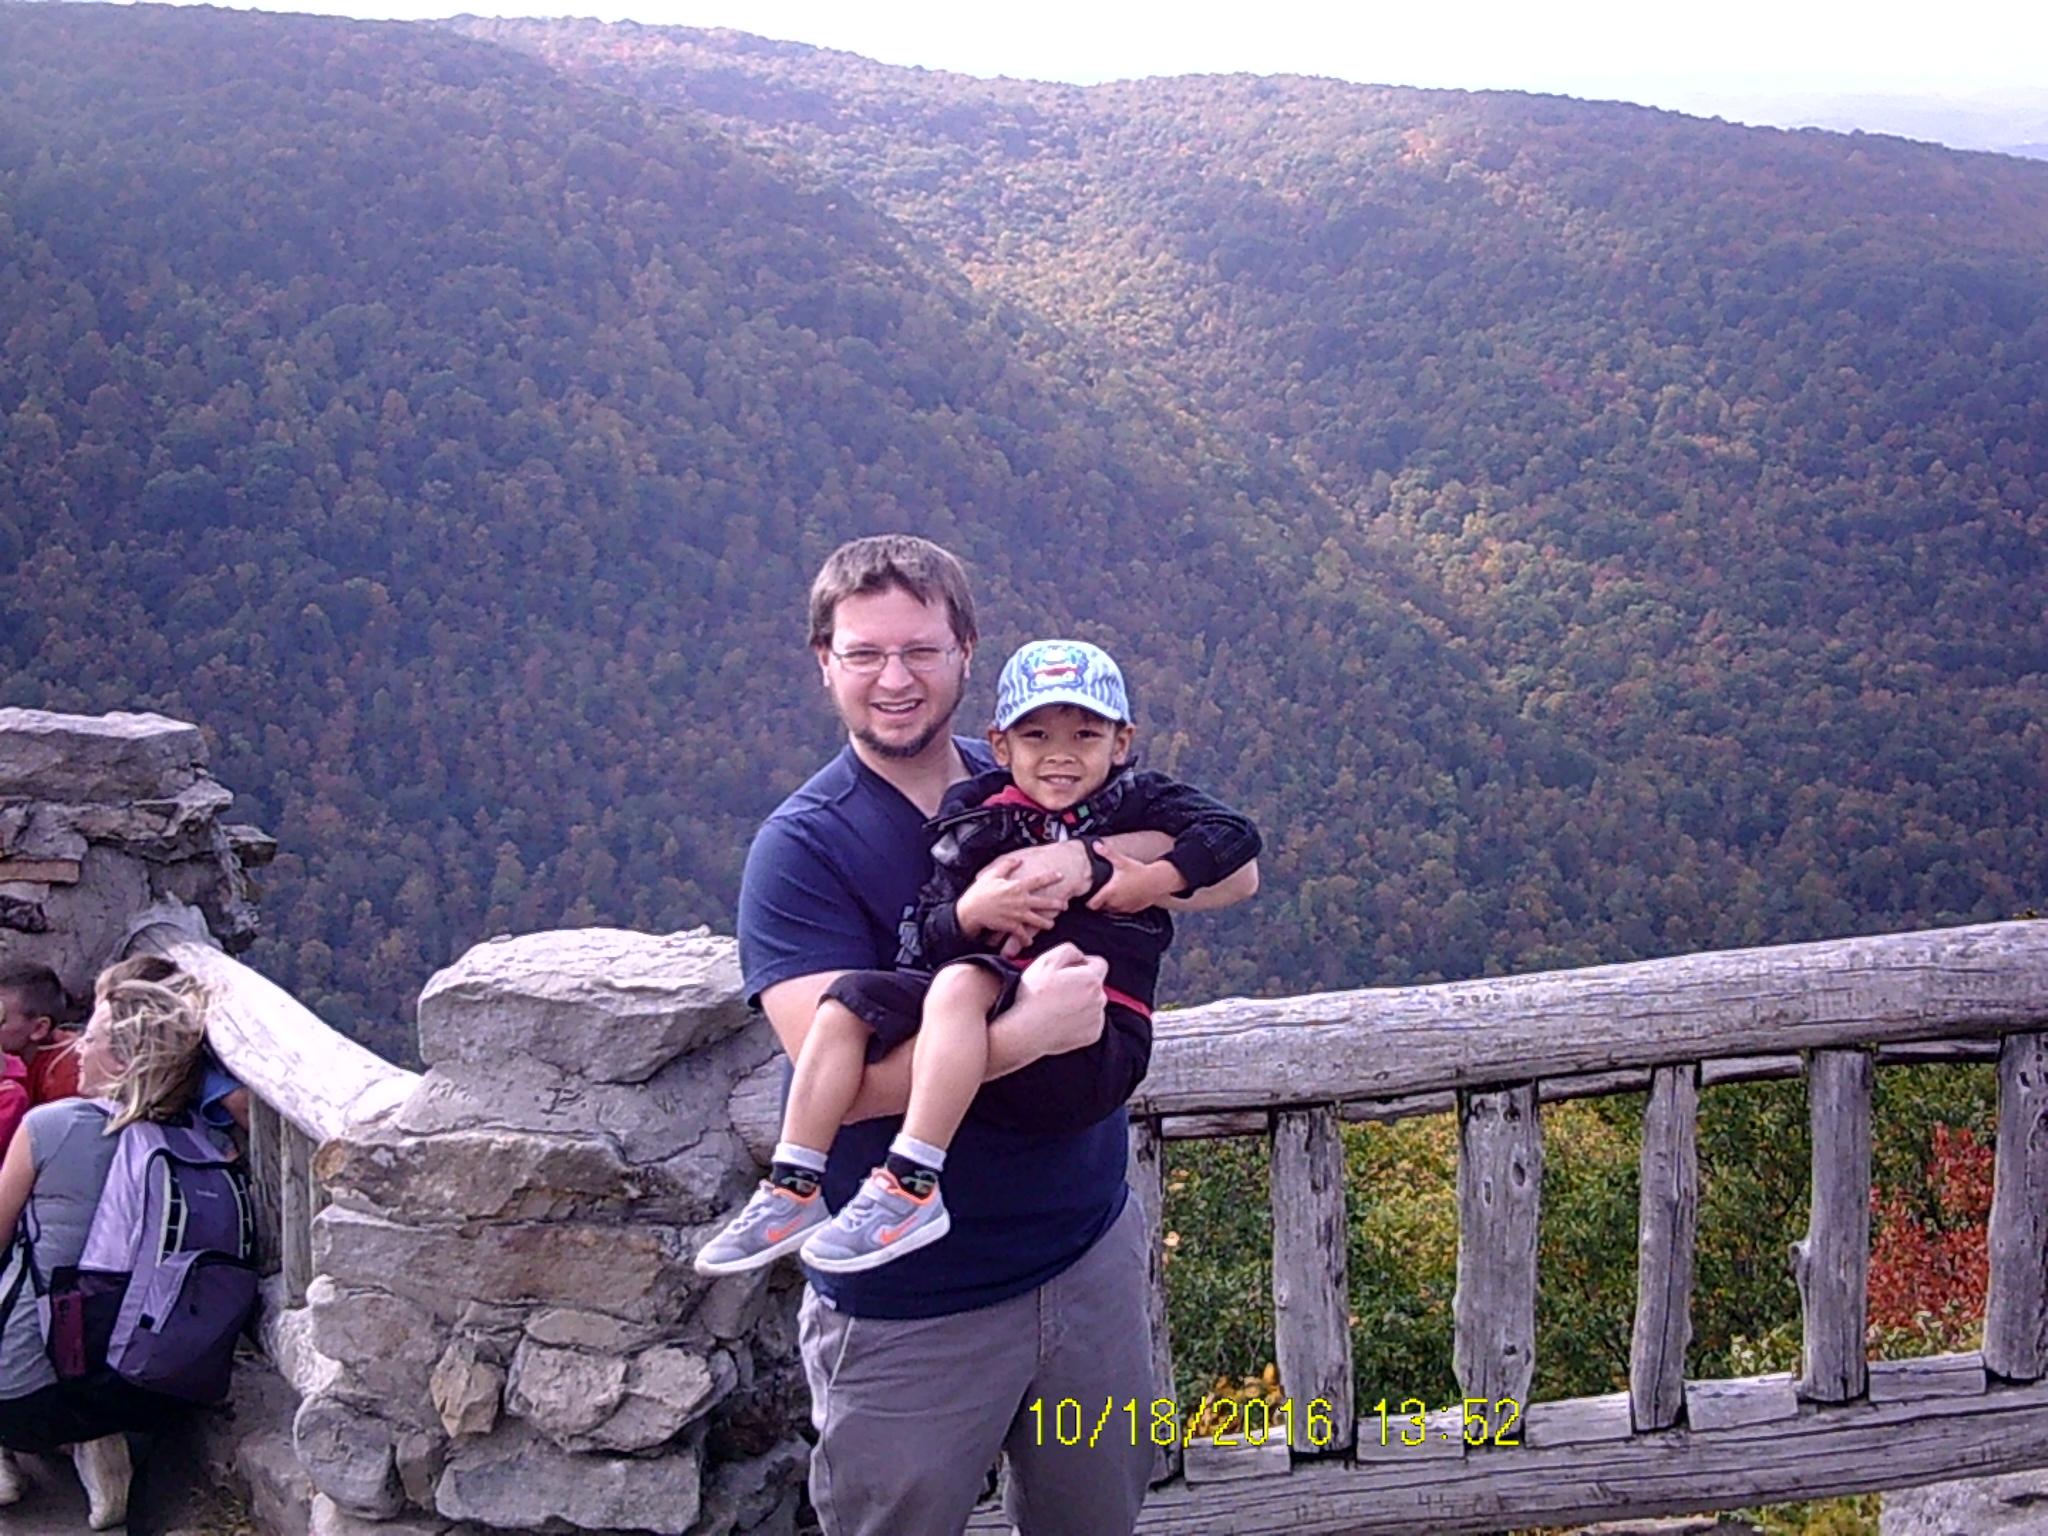 Cooper's Rock in West Virginia